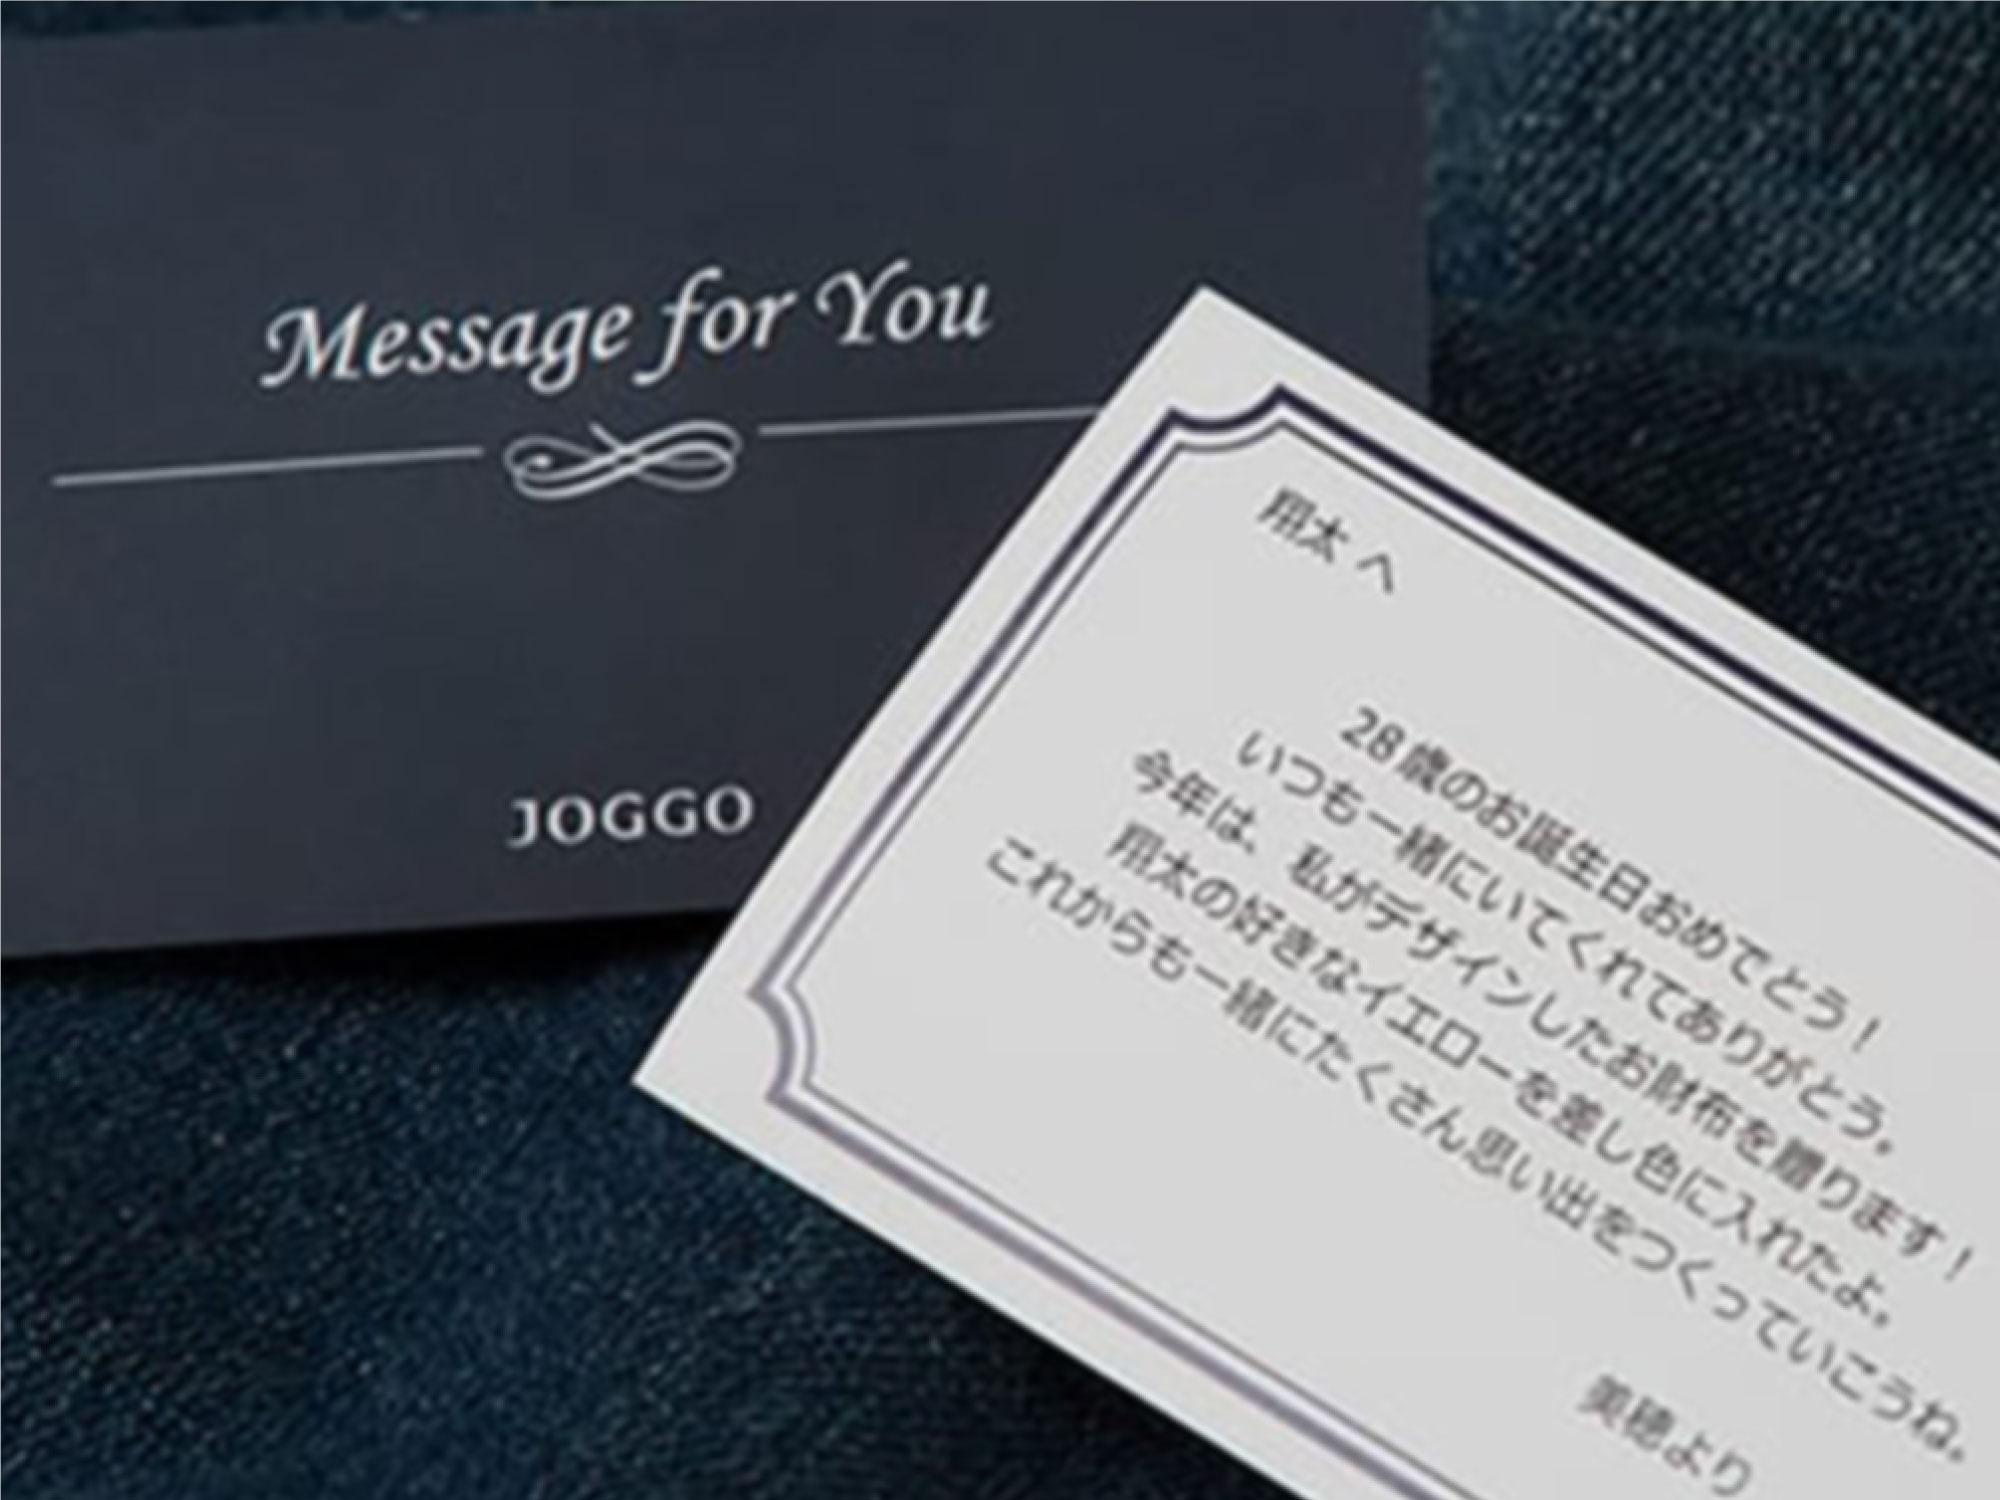 新商品「二つ折りミニ財布」究極の薄さを実現したミニウォレット発売 image03